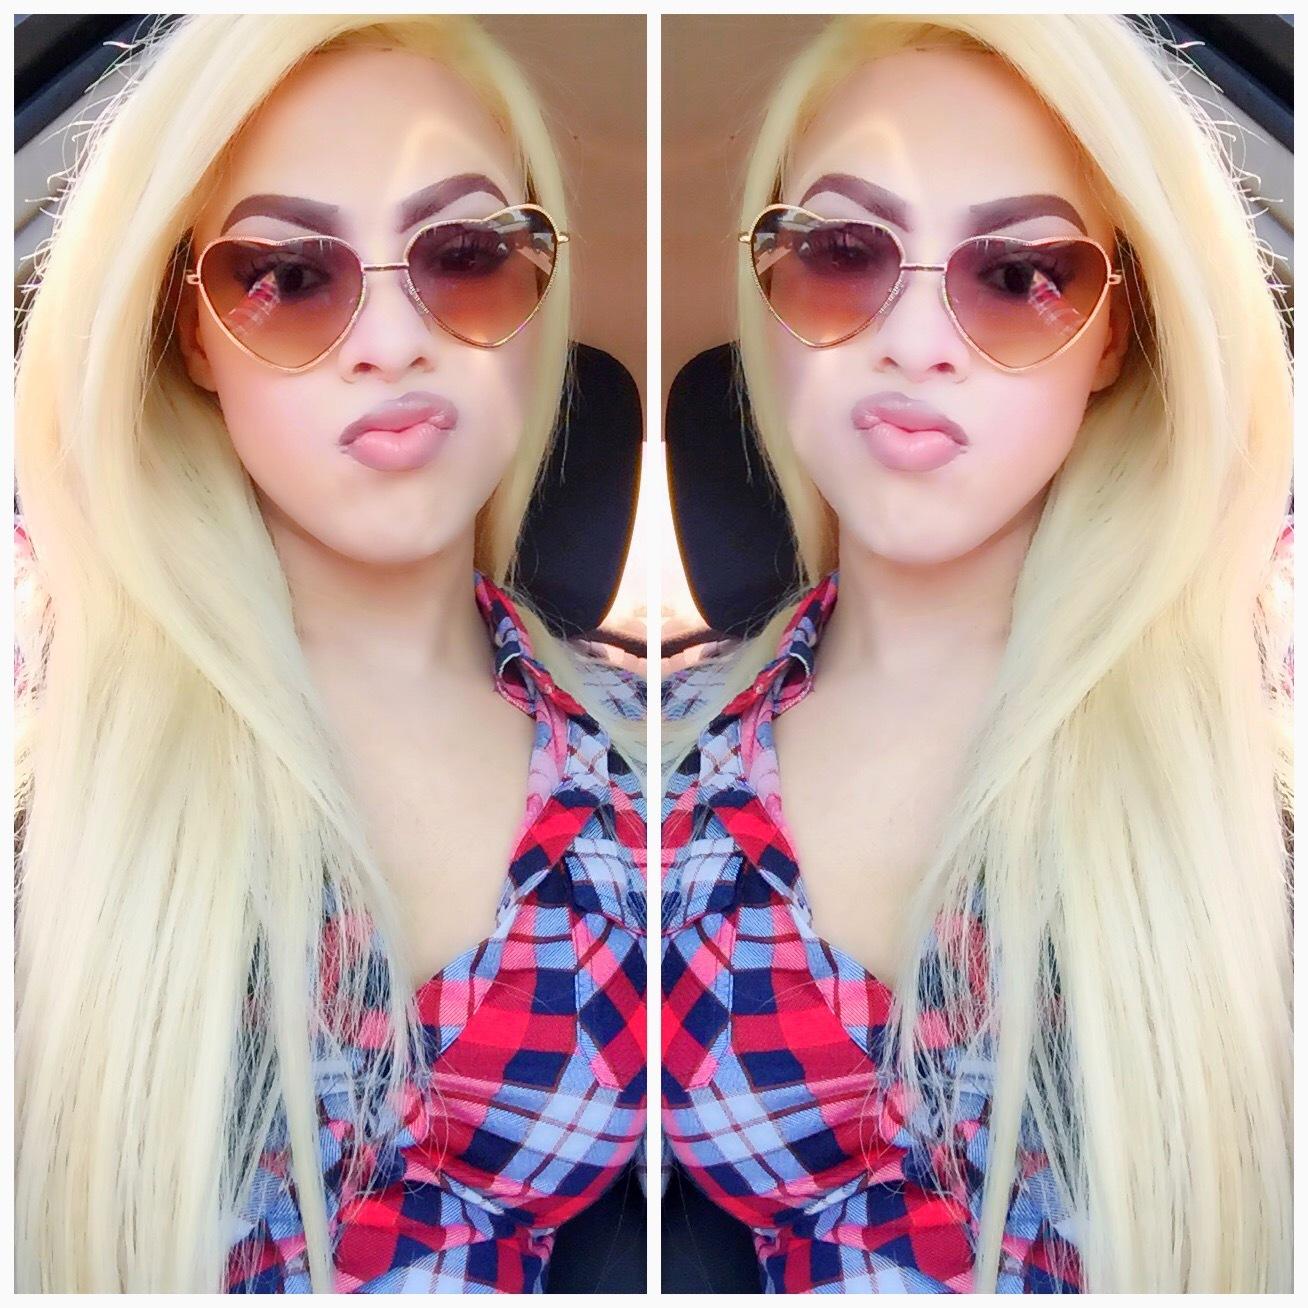 TS BrittanyBella